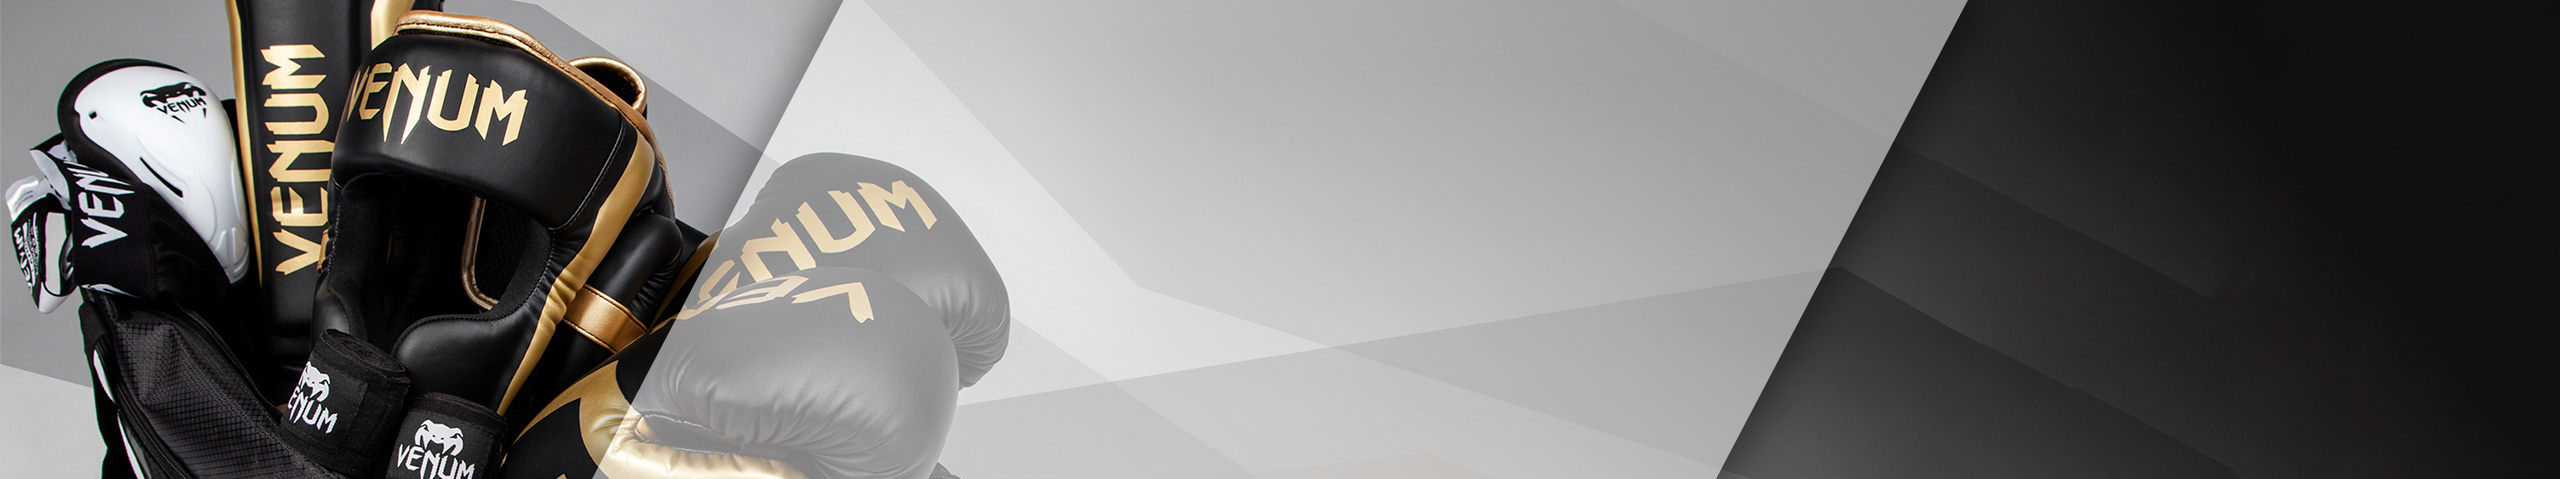 Attrezzatura Venum - Venum.com Italia